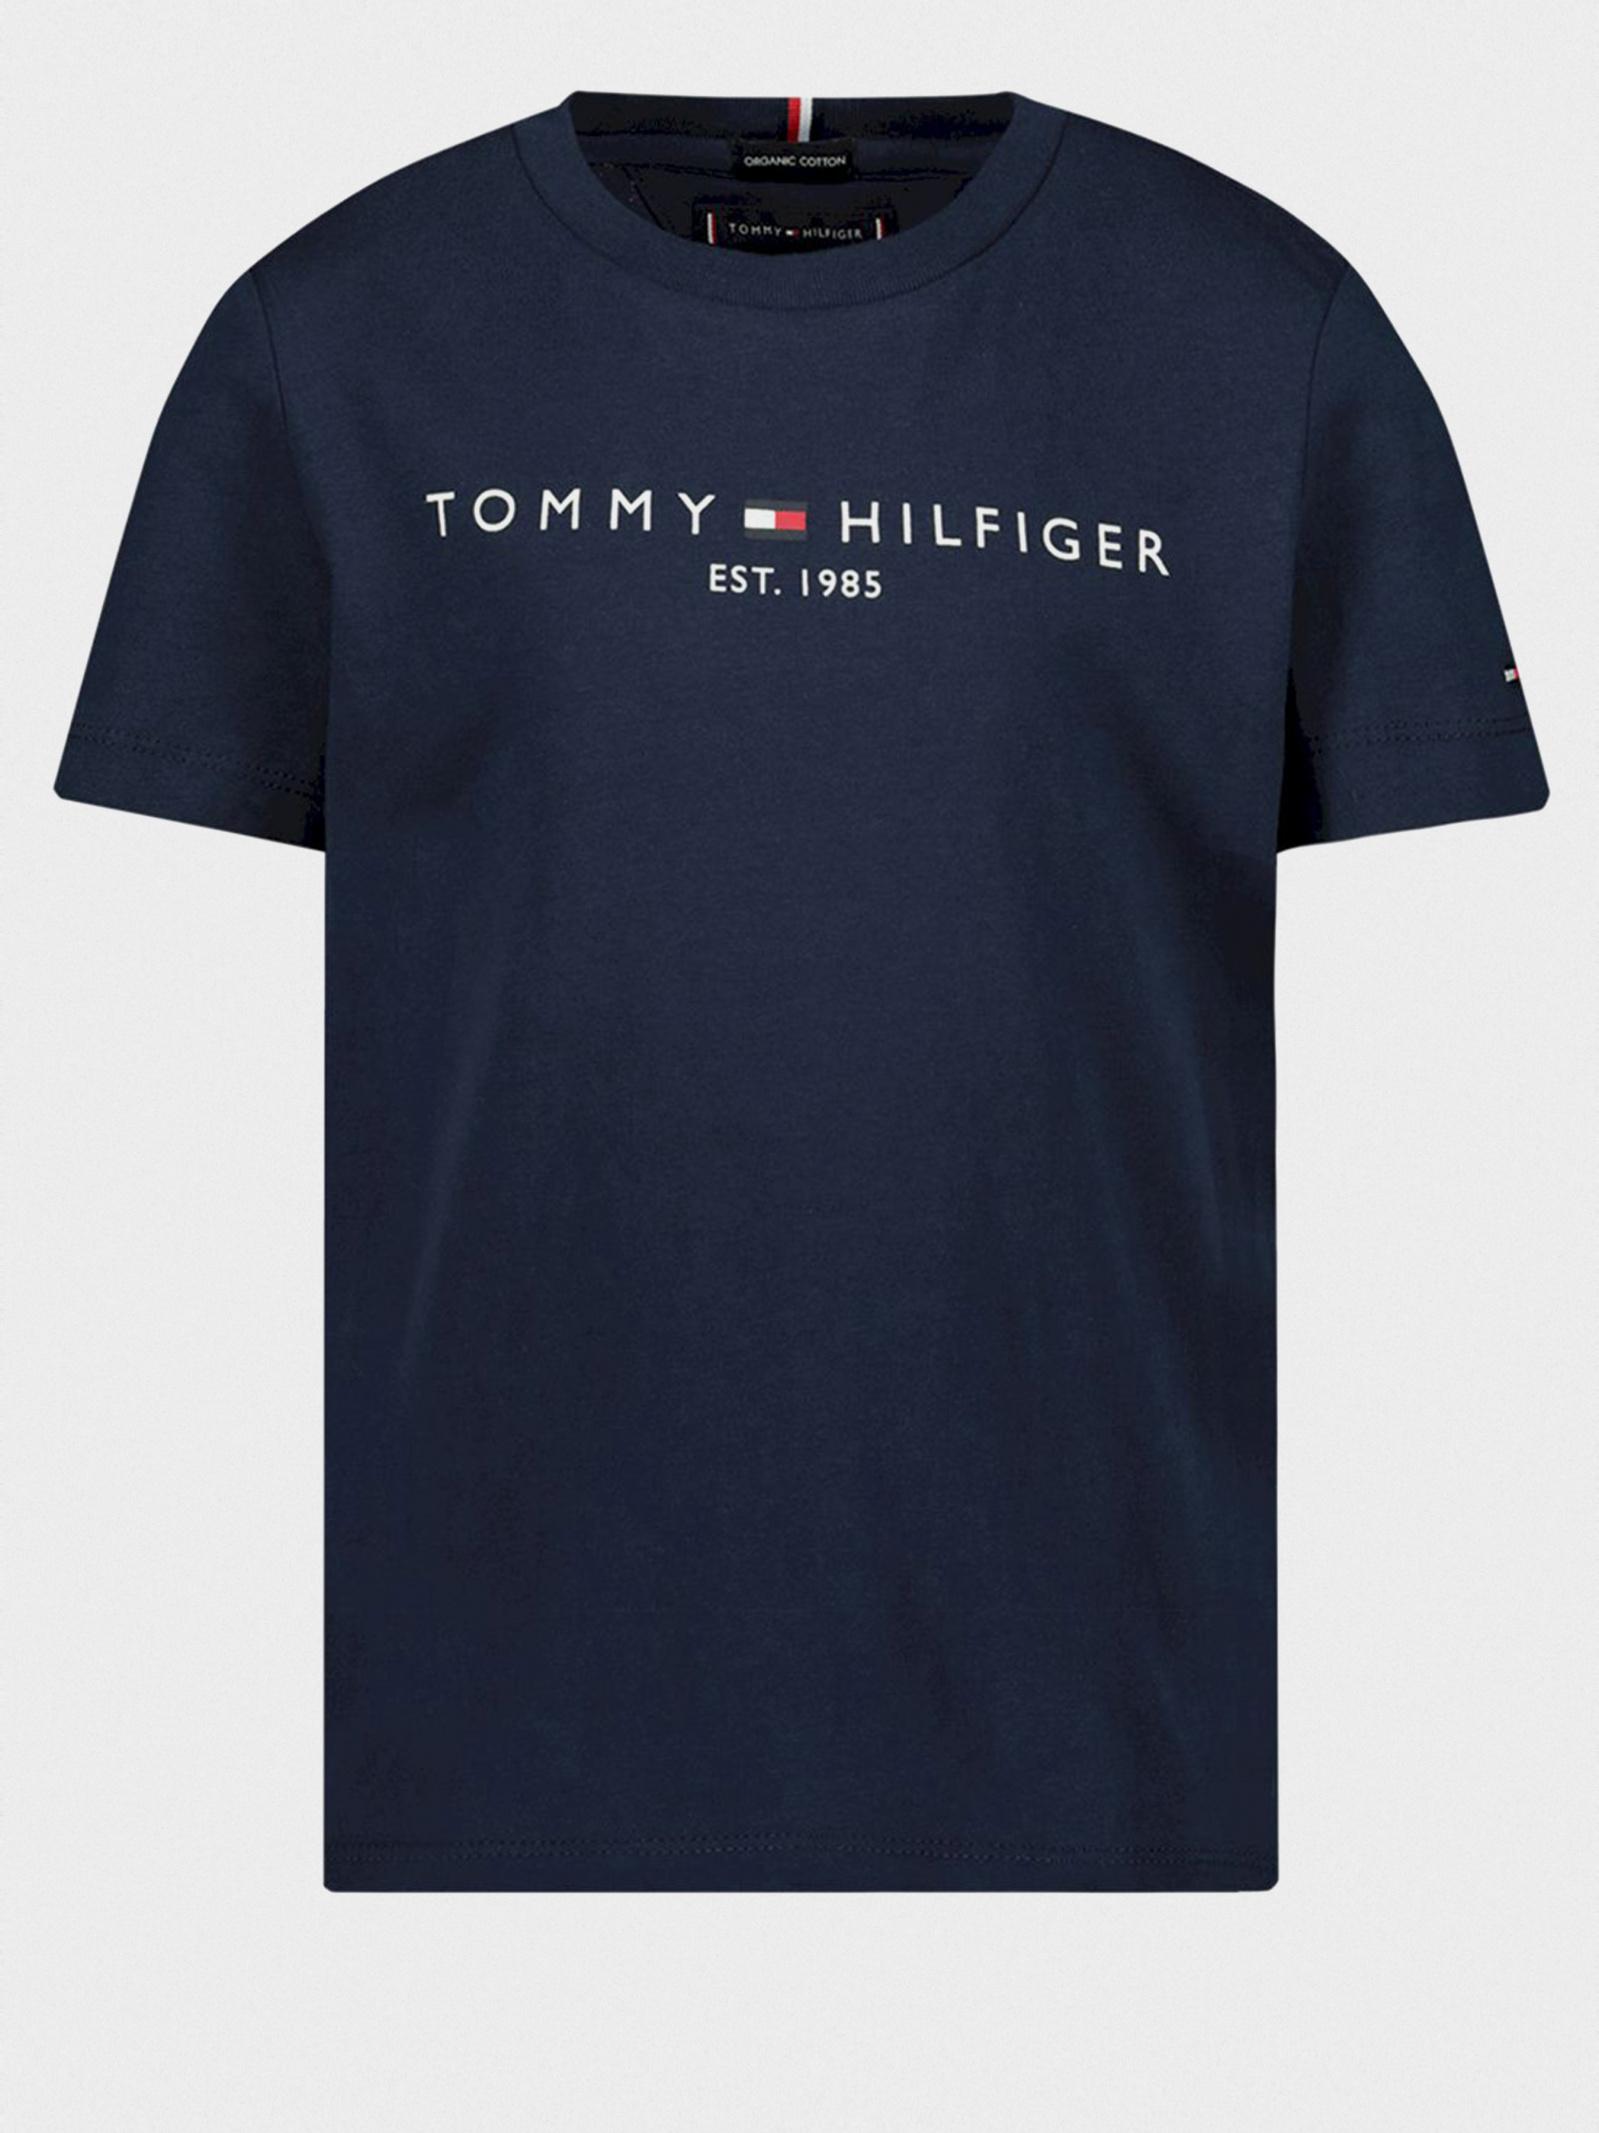 Футболка детские Tommy Hilfiger модель KB0KB05627-C87 купить, 2017